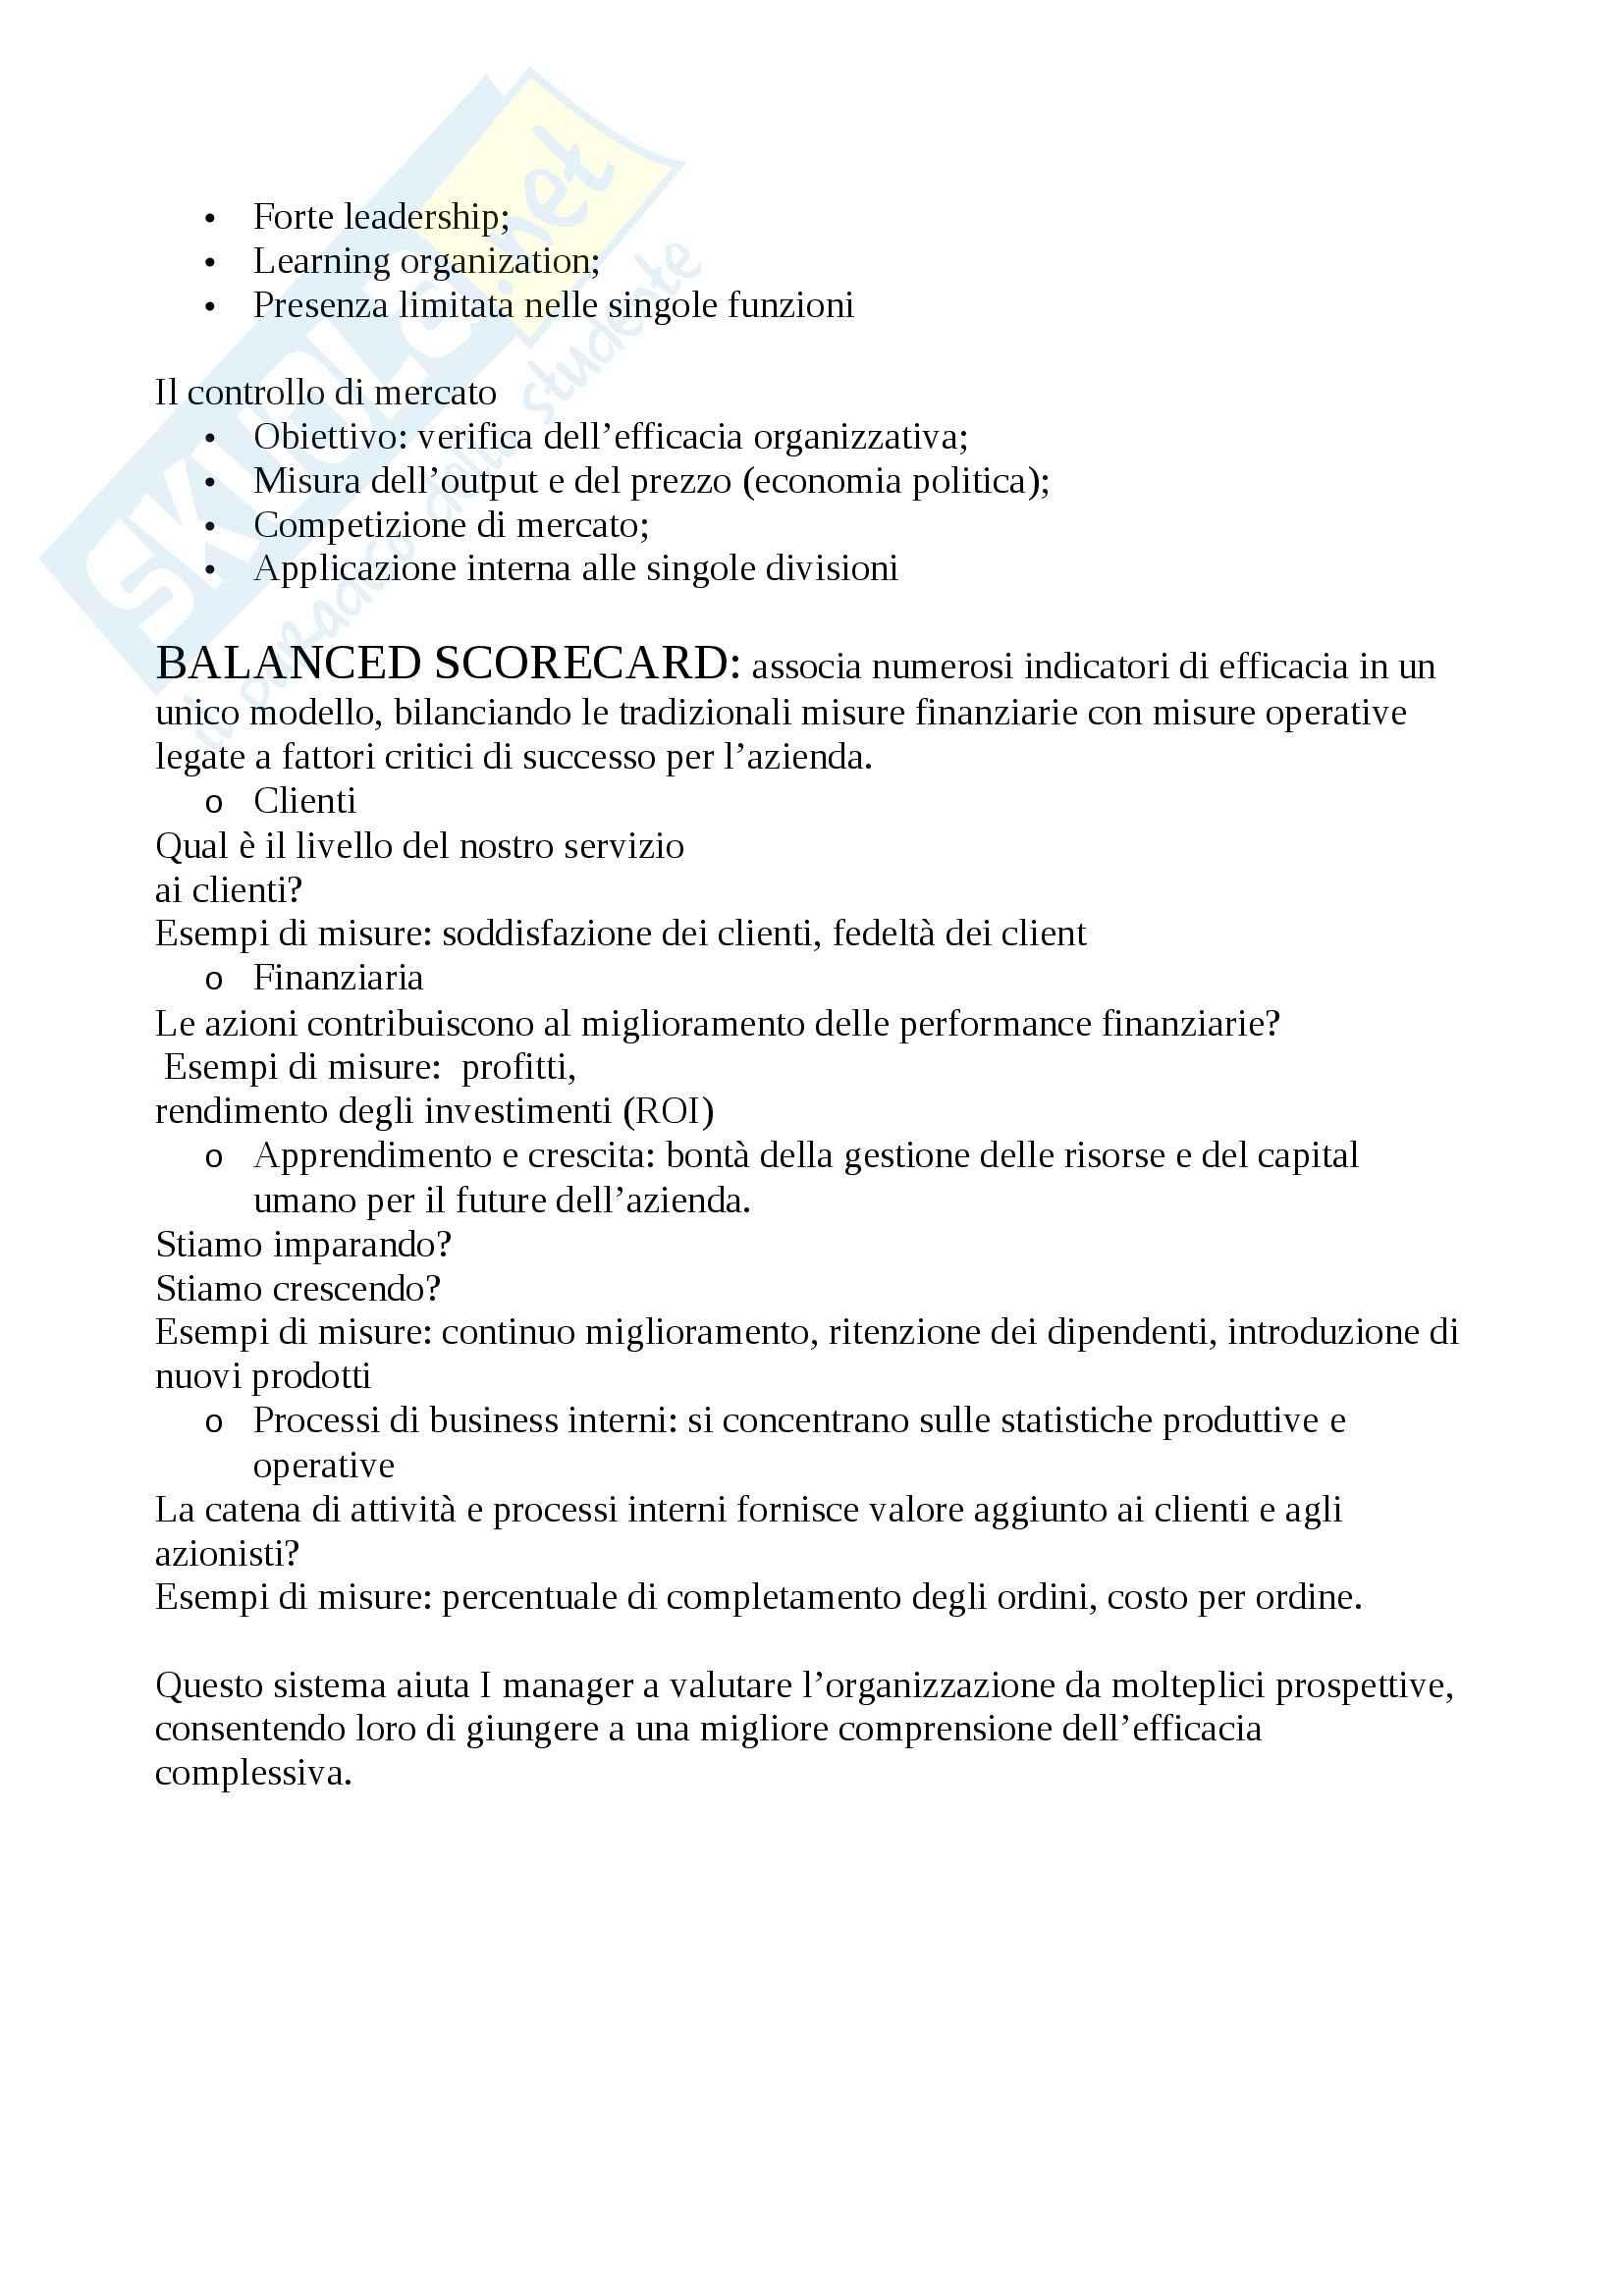 Riassunto esame Organizzazione aziendale, prof. Rajola Pag. 36